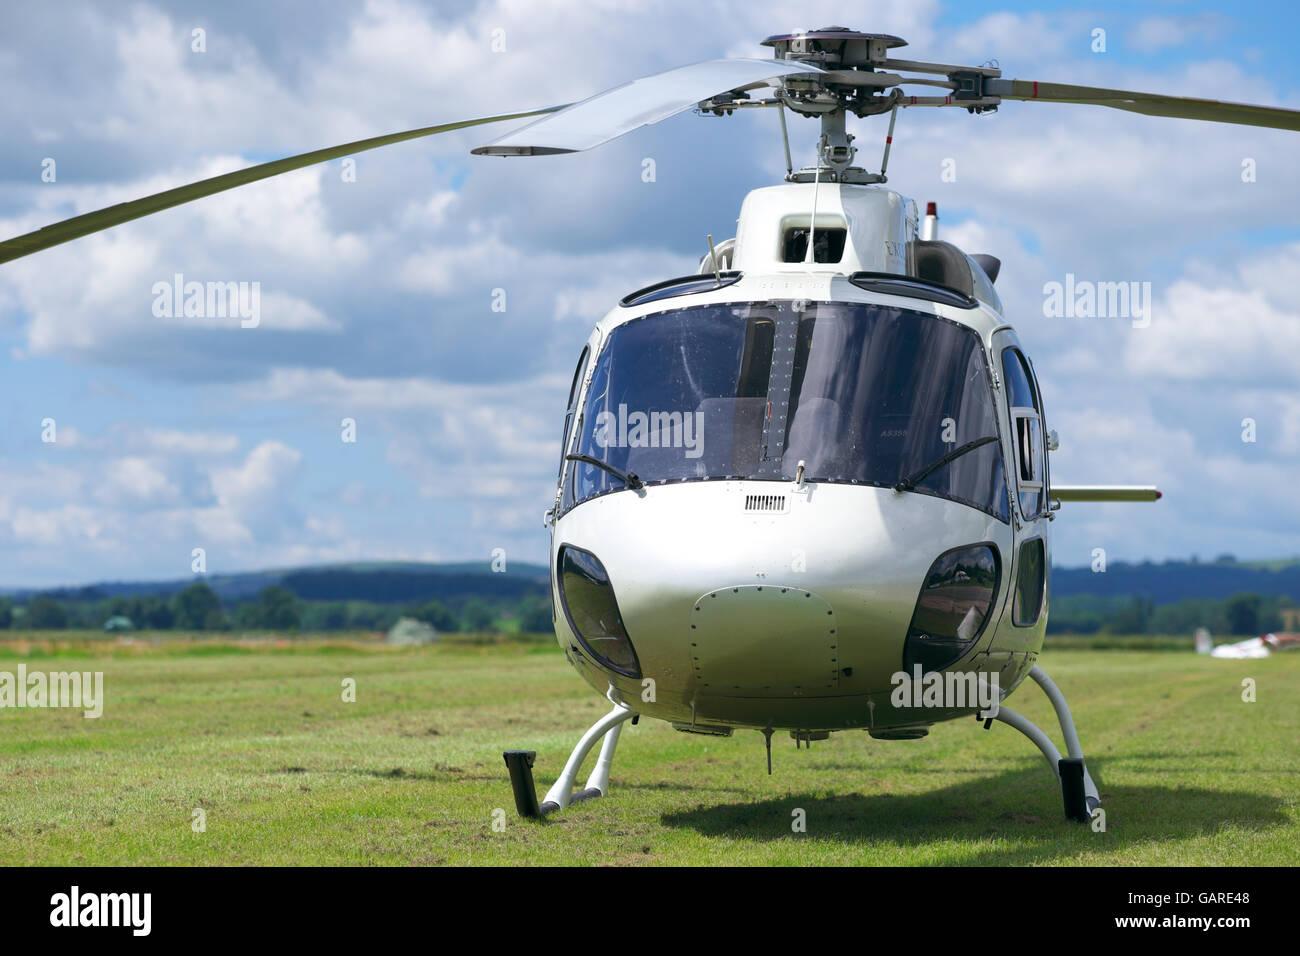 Elicottero 355 : Elicottero privato di aérospatiale come twin squirrel foto